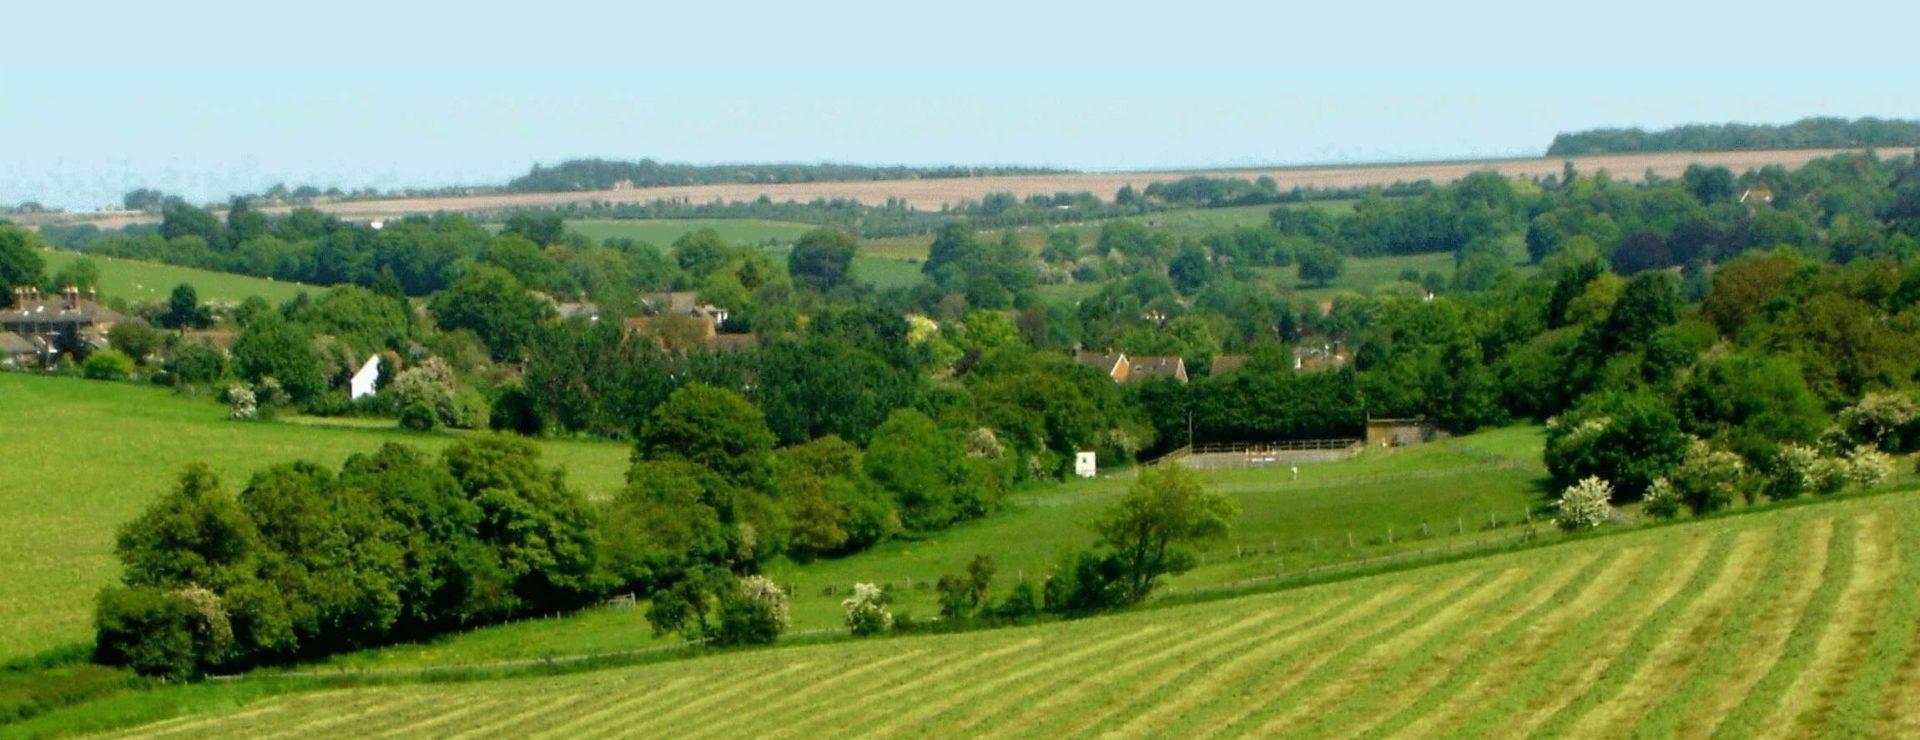 ashford countryside